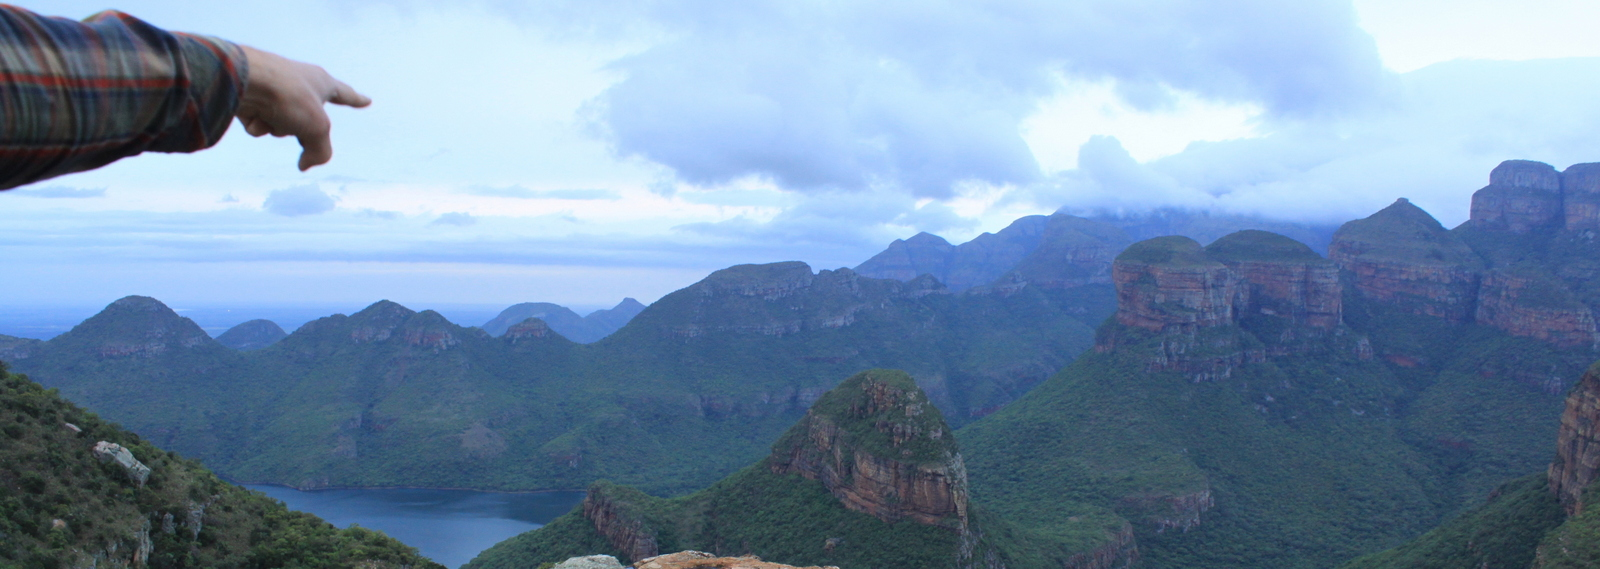 3 rondavels, Panoramaroute, Zuid Afrika